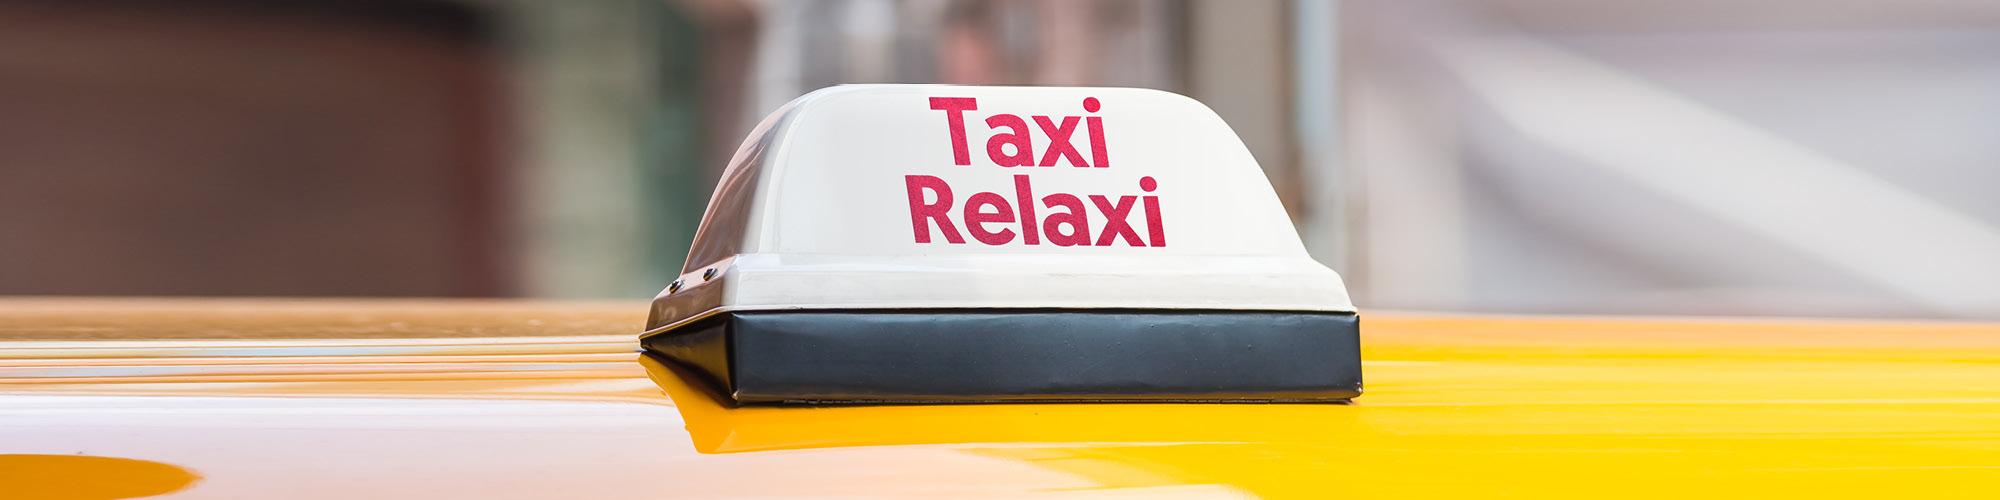 Joe sa taxi relaxi header 0